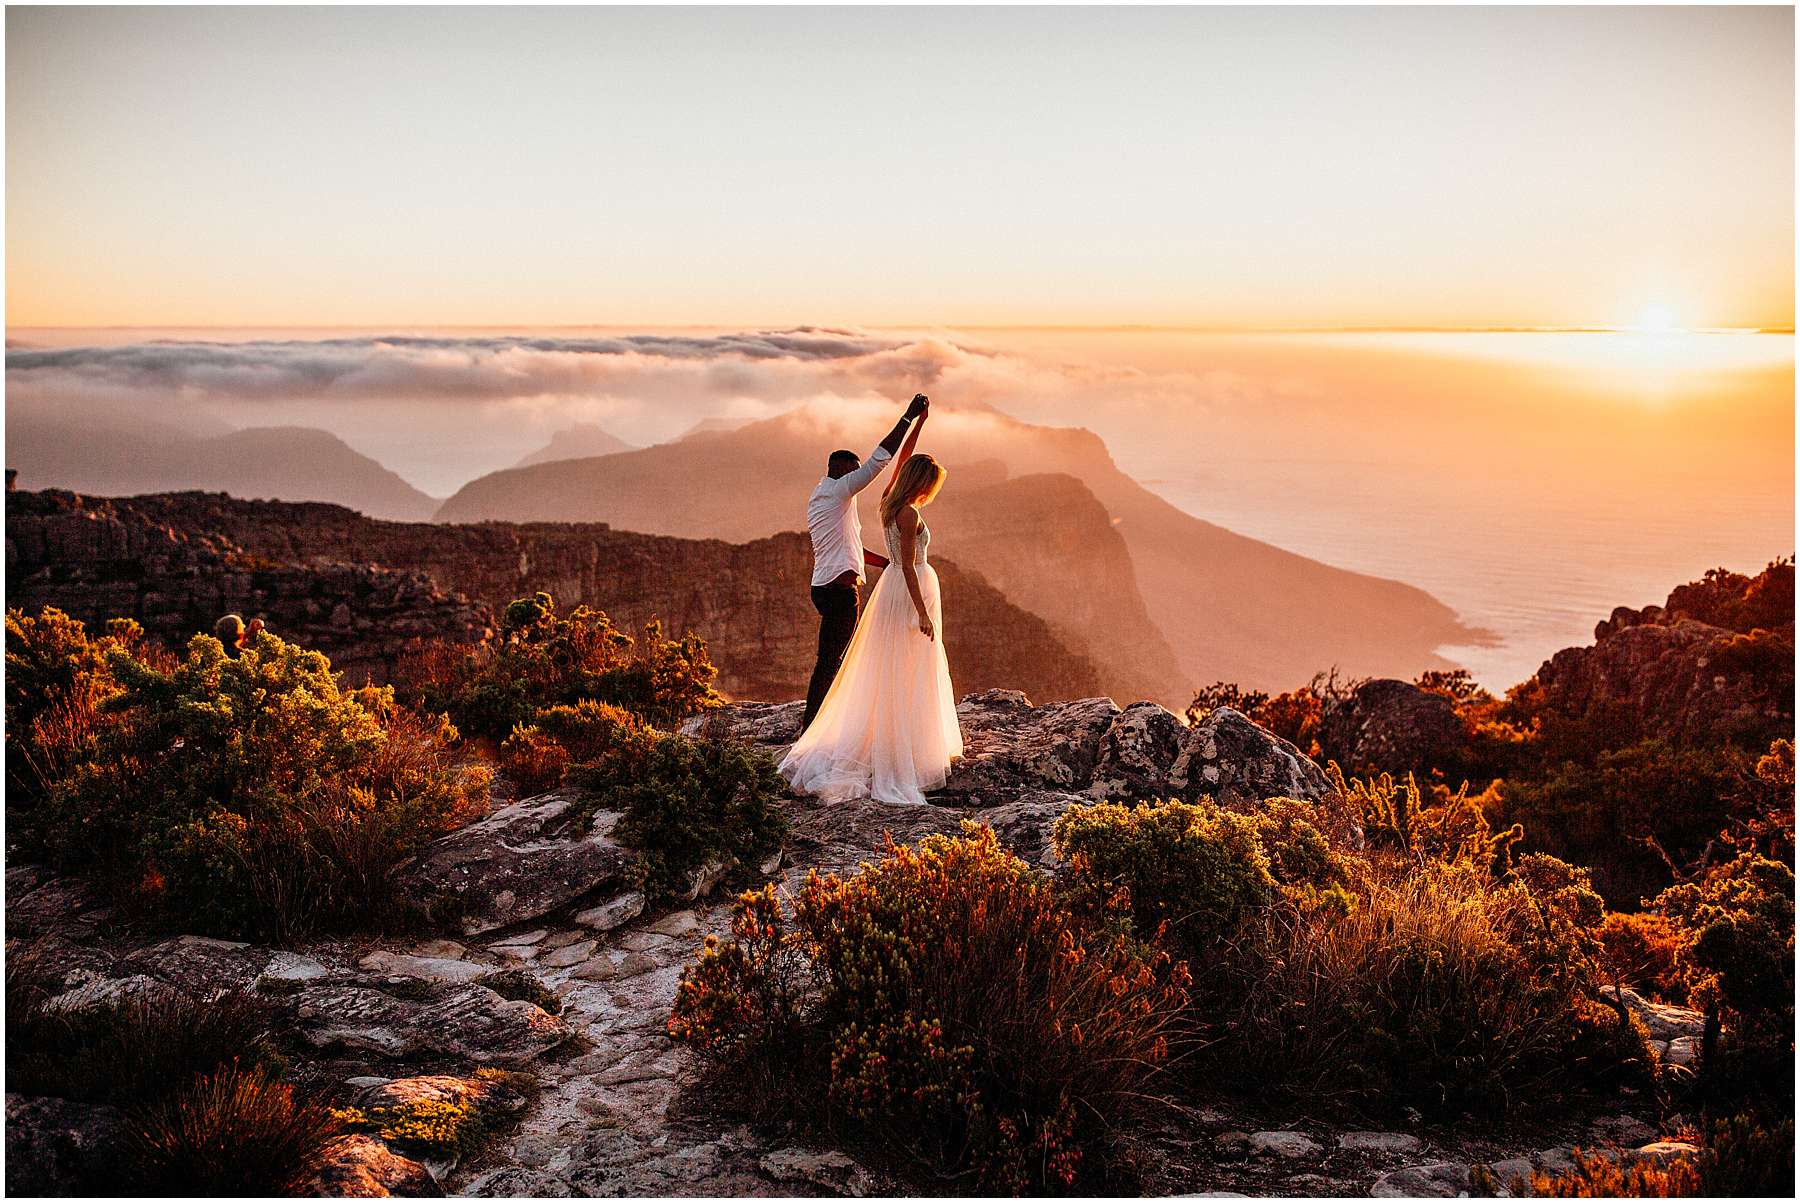 LOTTYH-South-Africa-Elopement-Photographer_0027.jpg